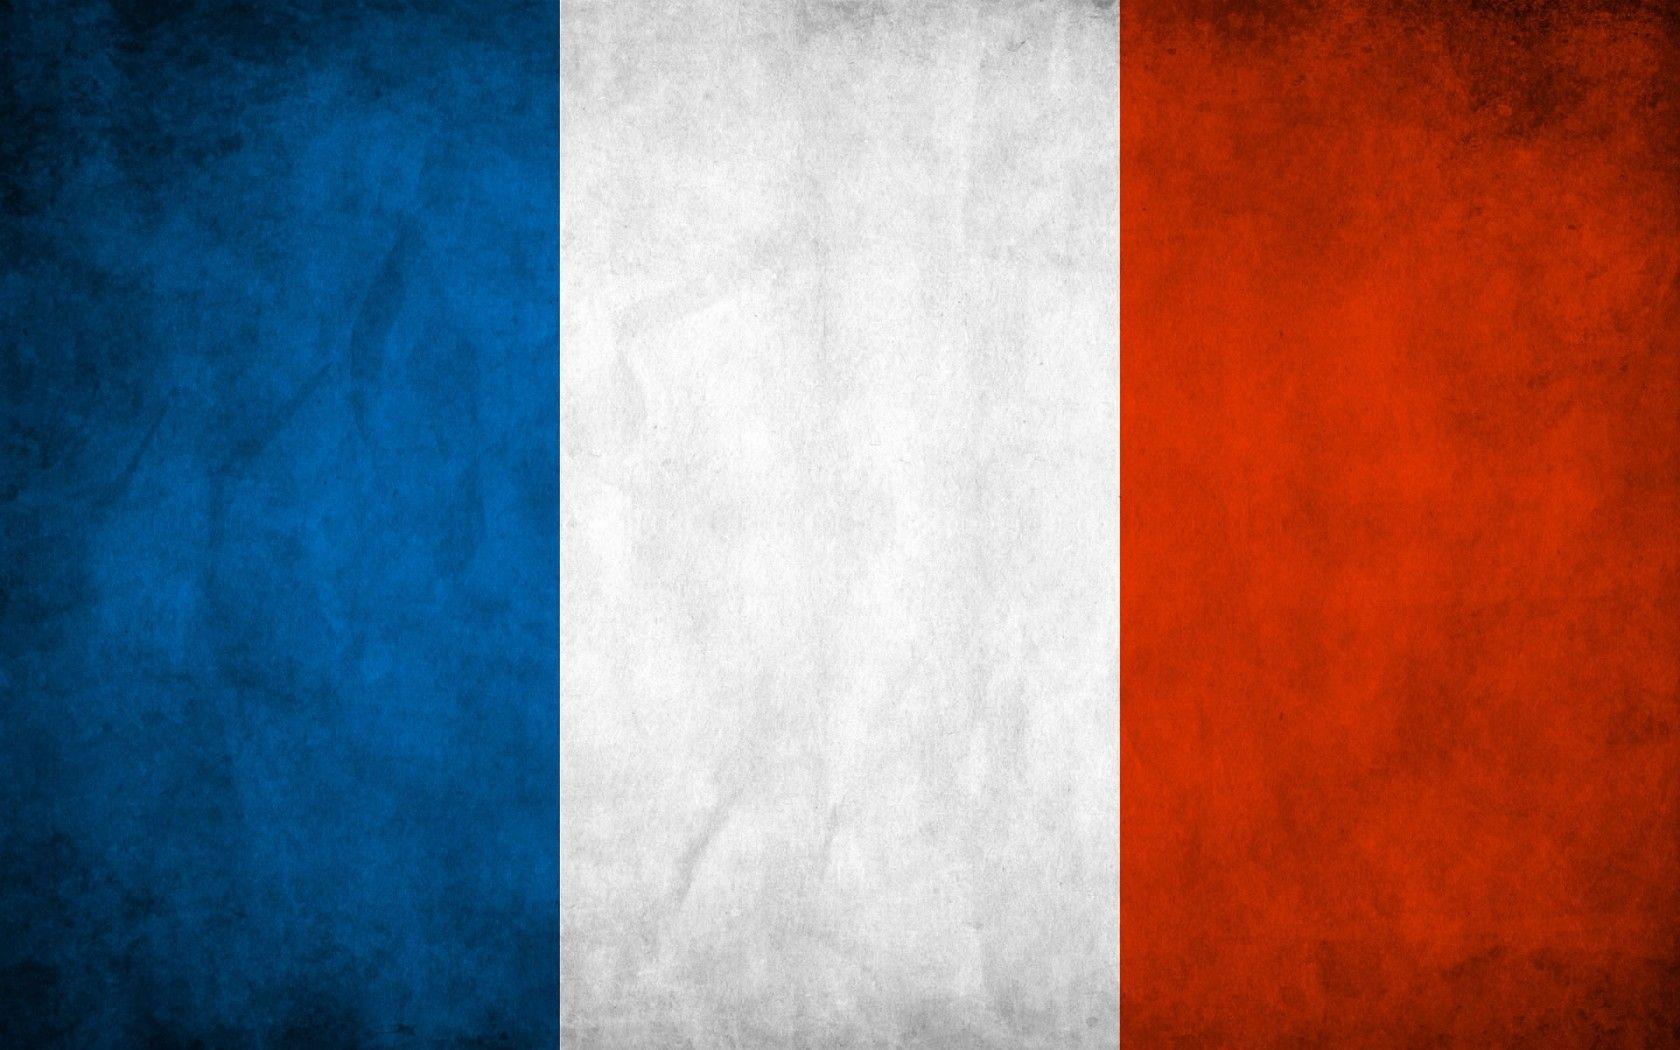 bandera de francia - Buscar con Google | SWEDEN | Pinterest ...